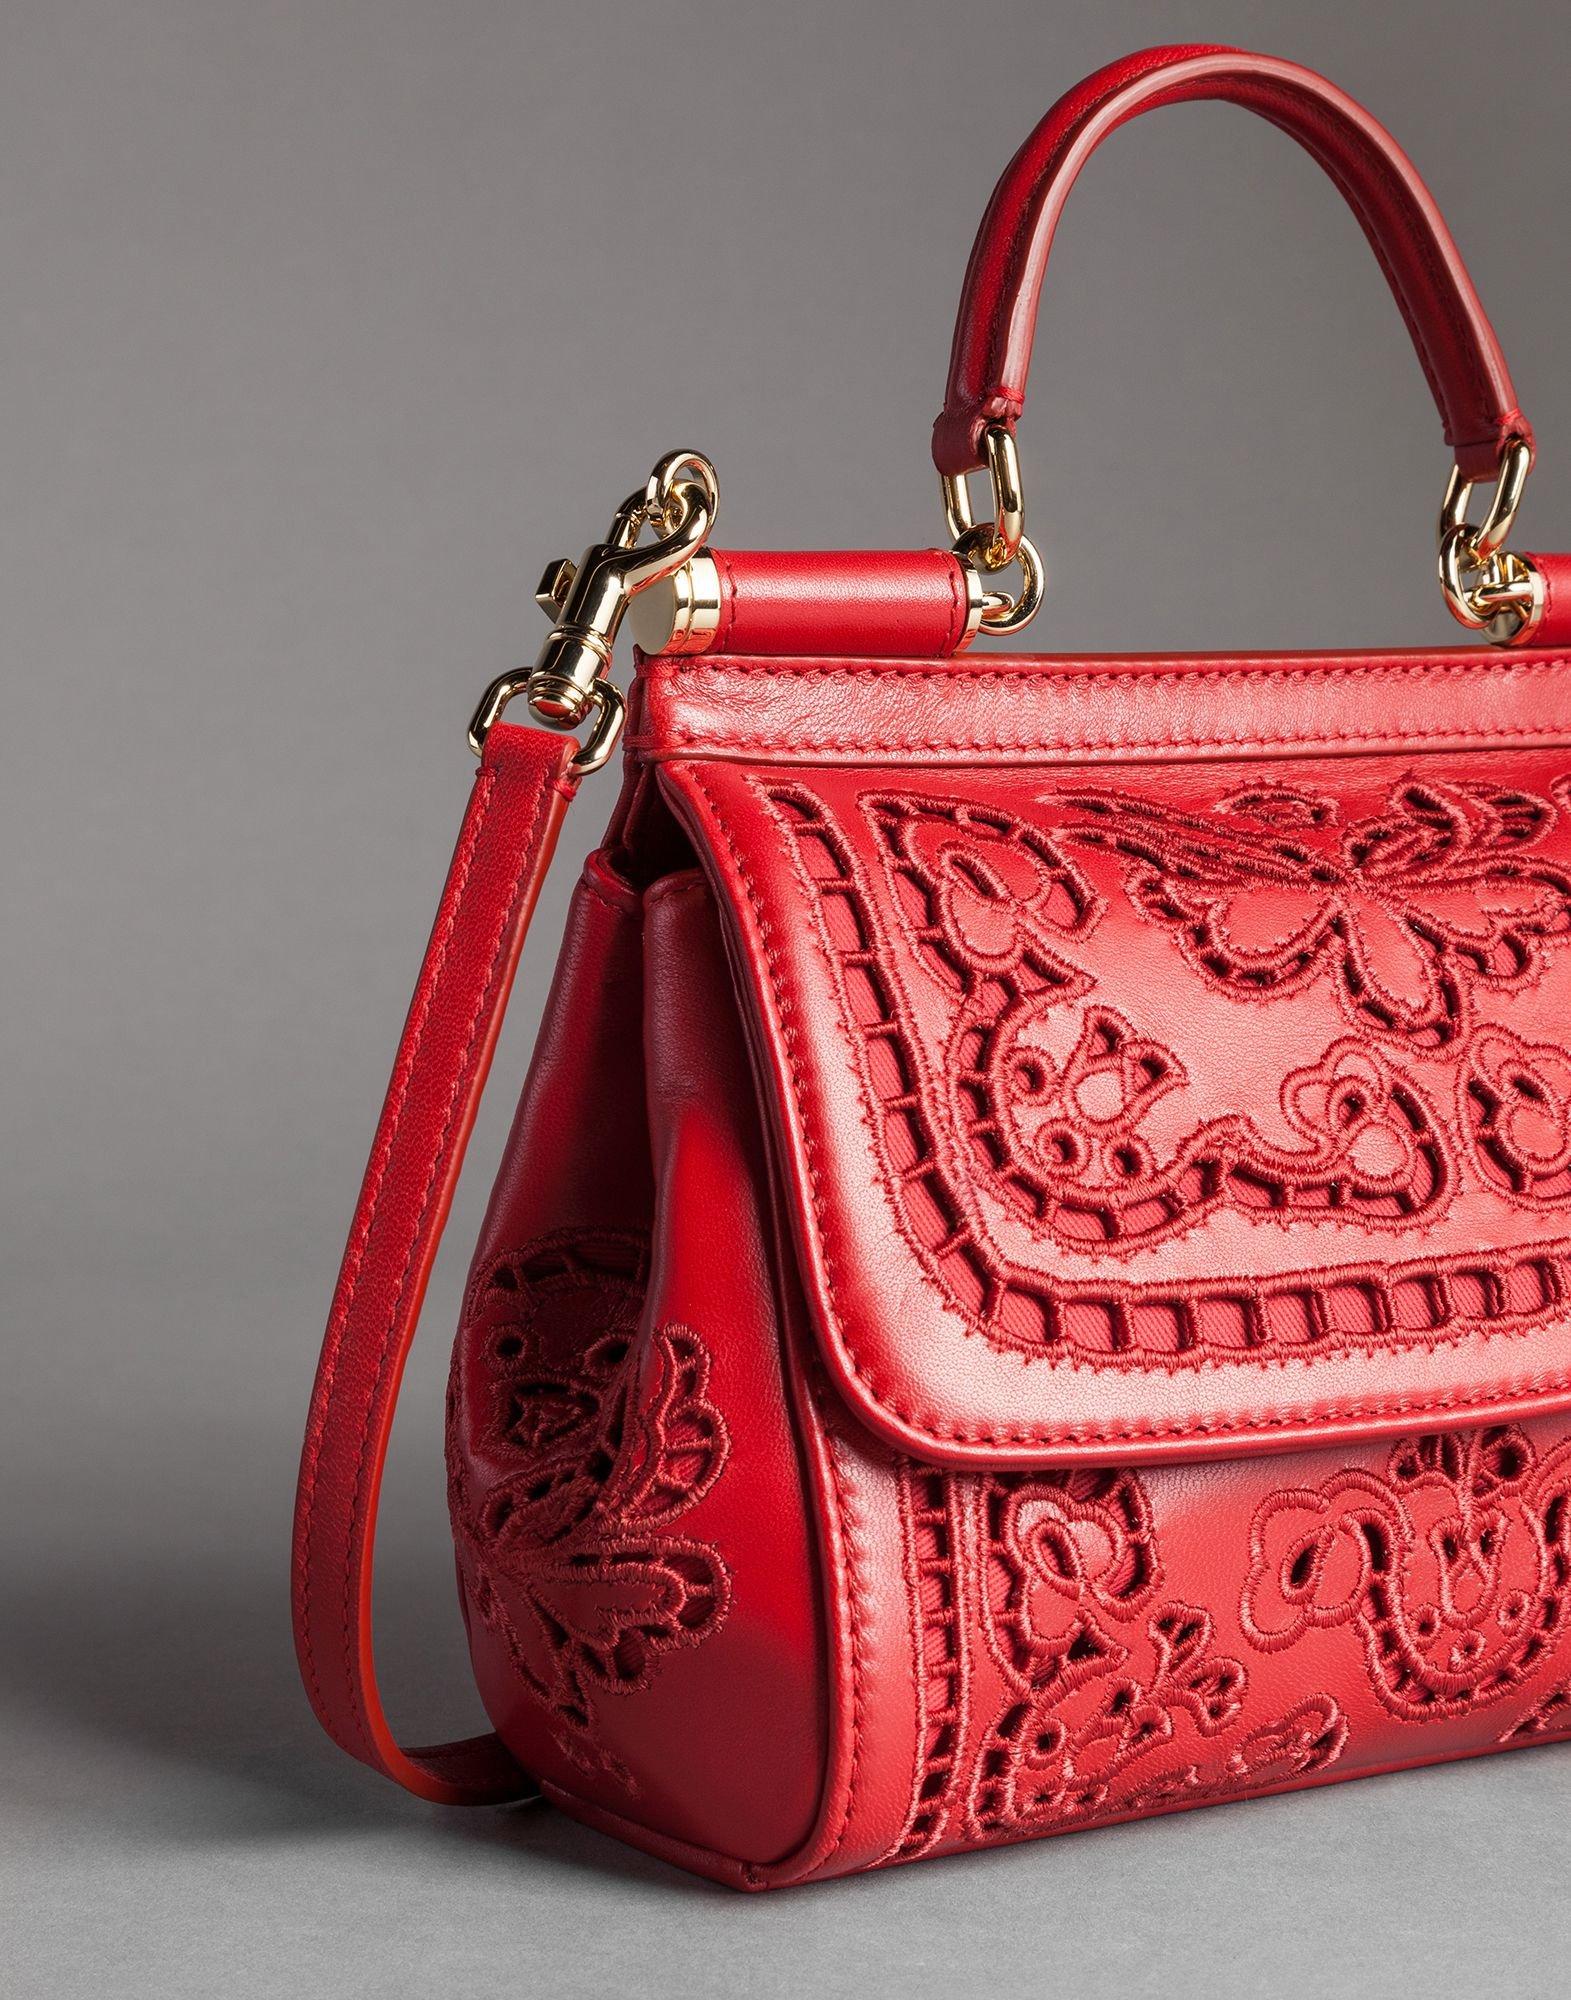 Lyst - Dolce   Gabbana Mini Sicily Bag Cutwork Napa Leather in Red dba36ab2cc105